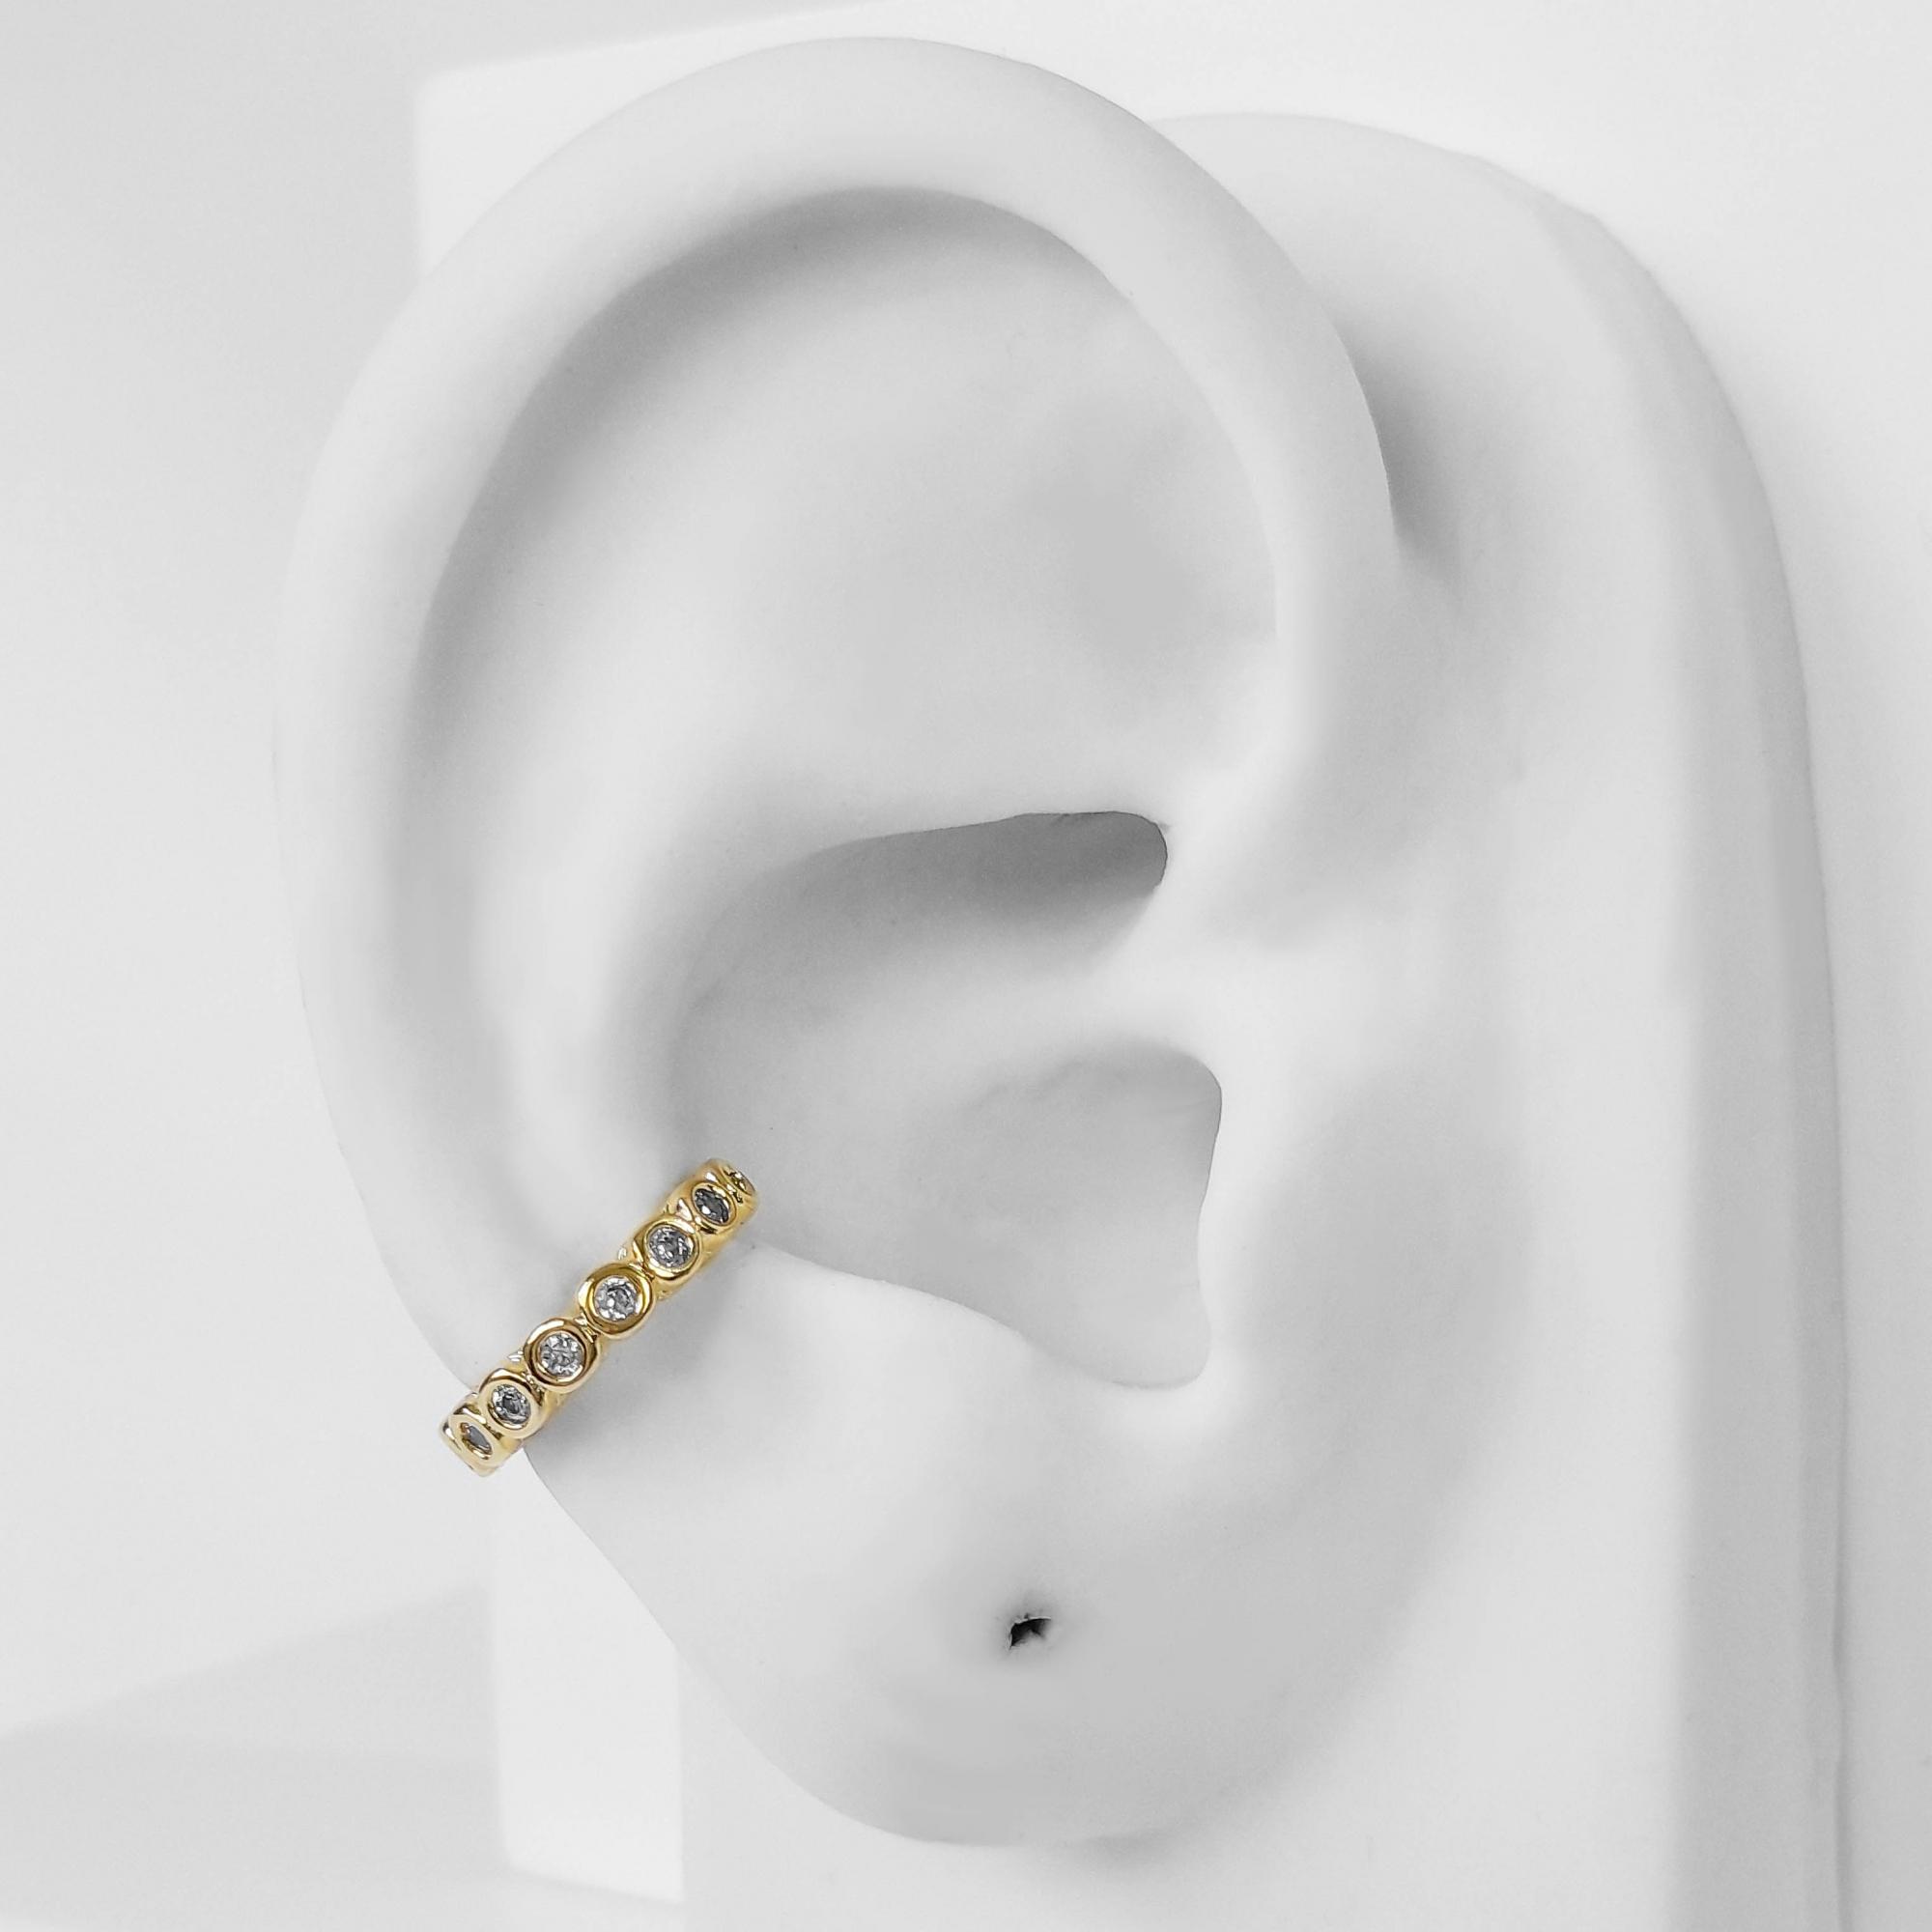 Piercing Fake Bolinhas Zircônia Folheado Ouro 18k  - Lunozê Joias